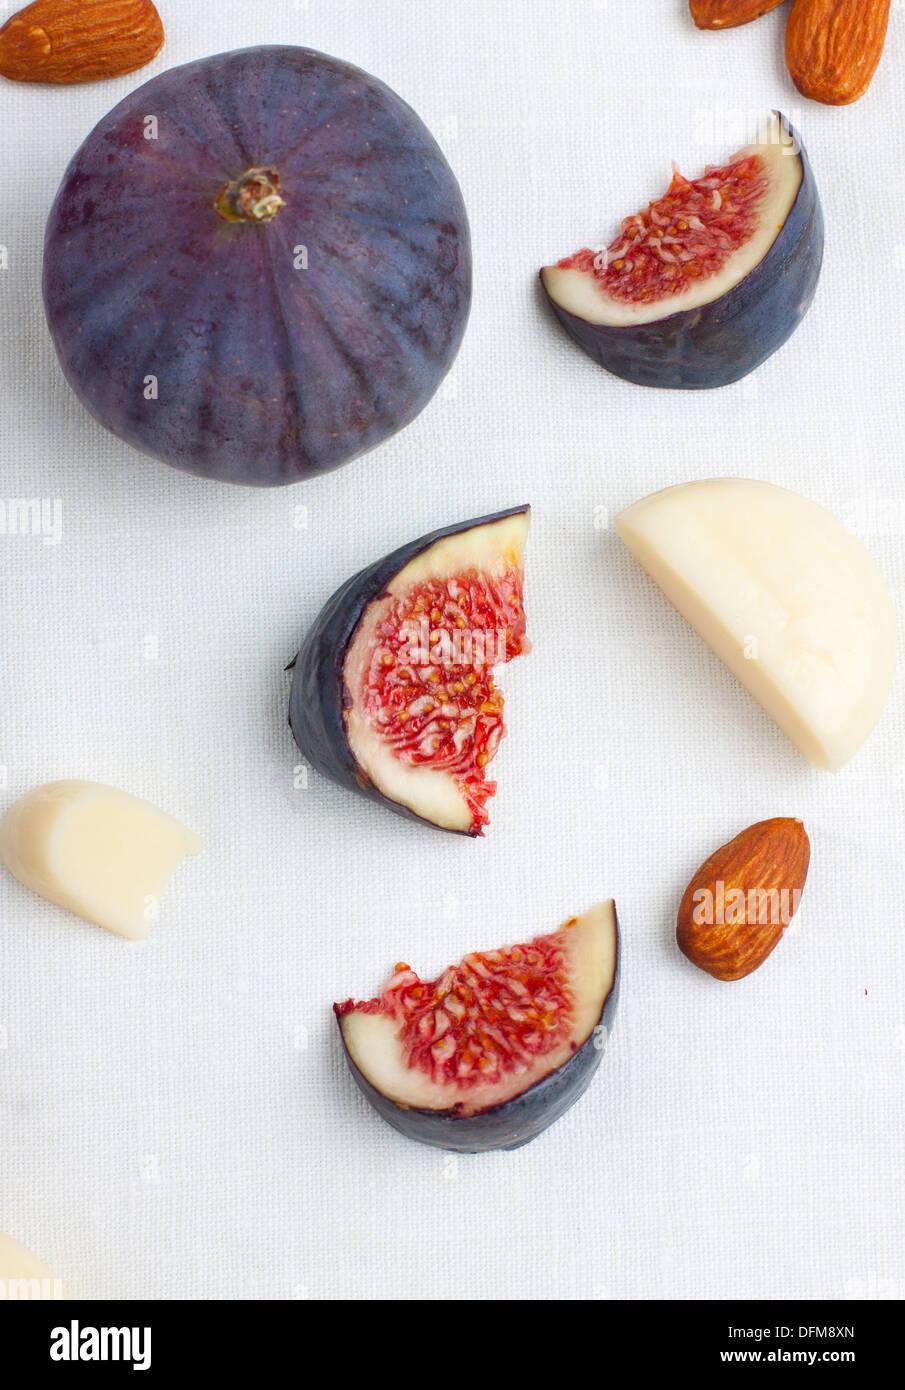 Frisch geschnittene Feigen mit Käse und einigen Nüssen Stockbild